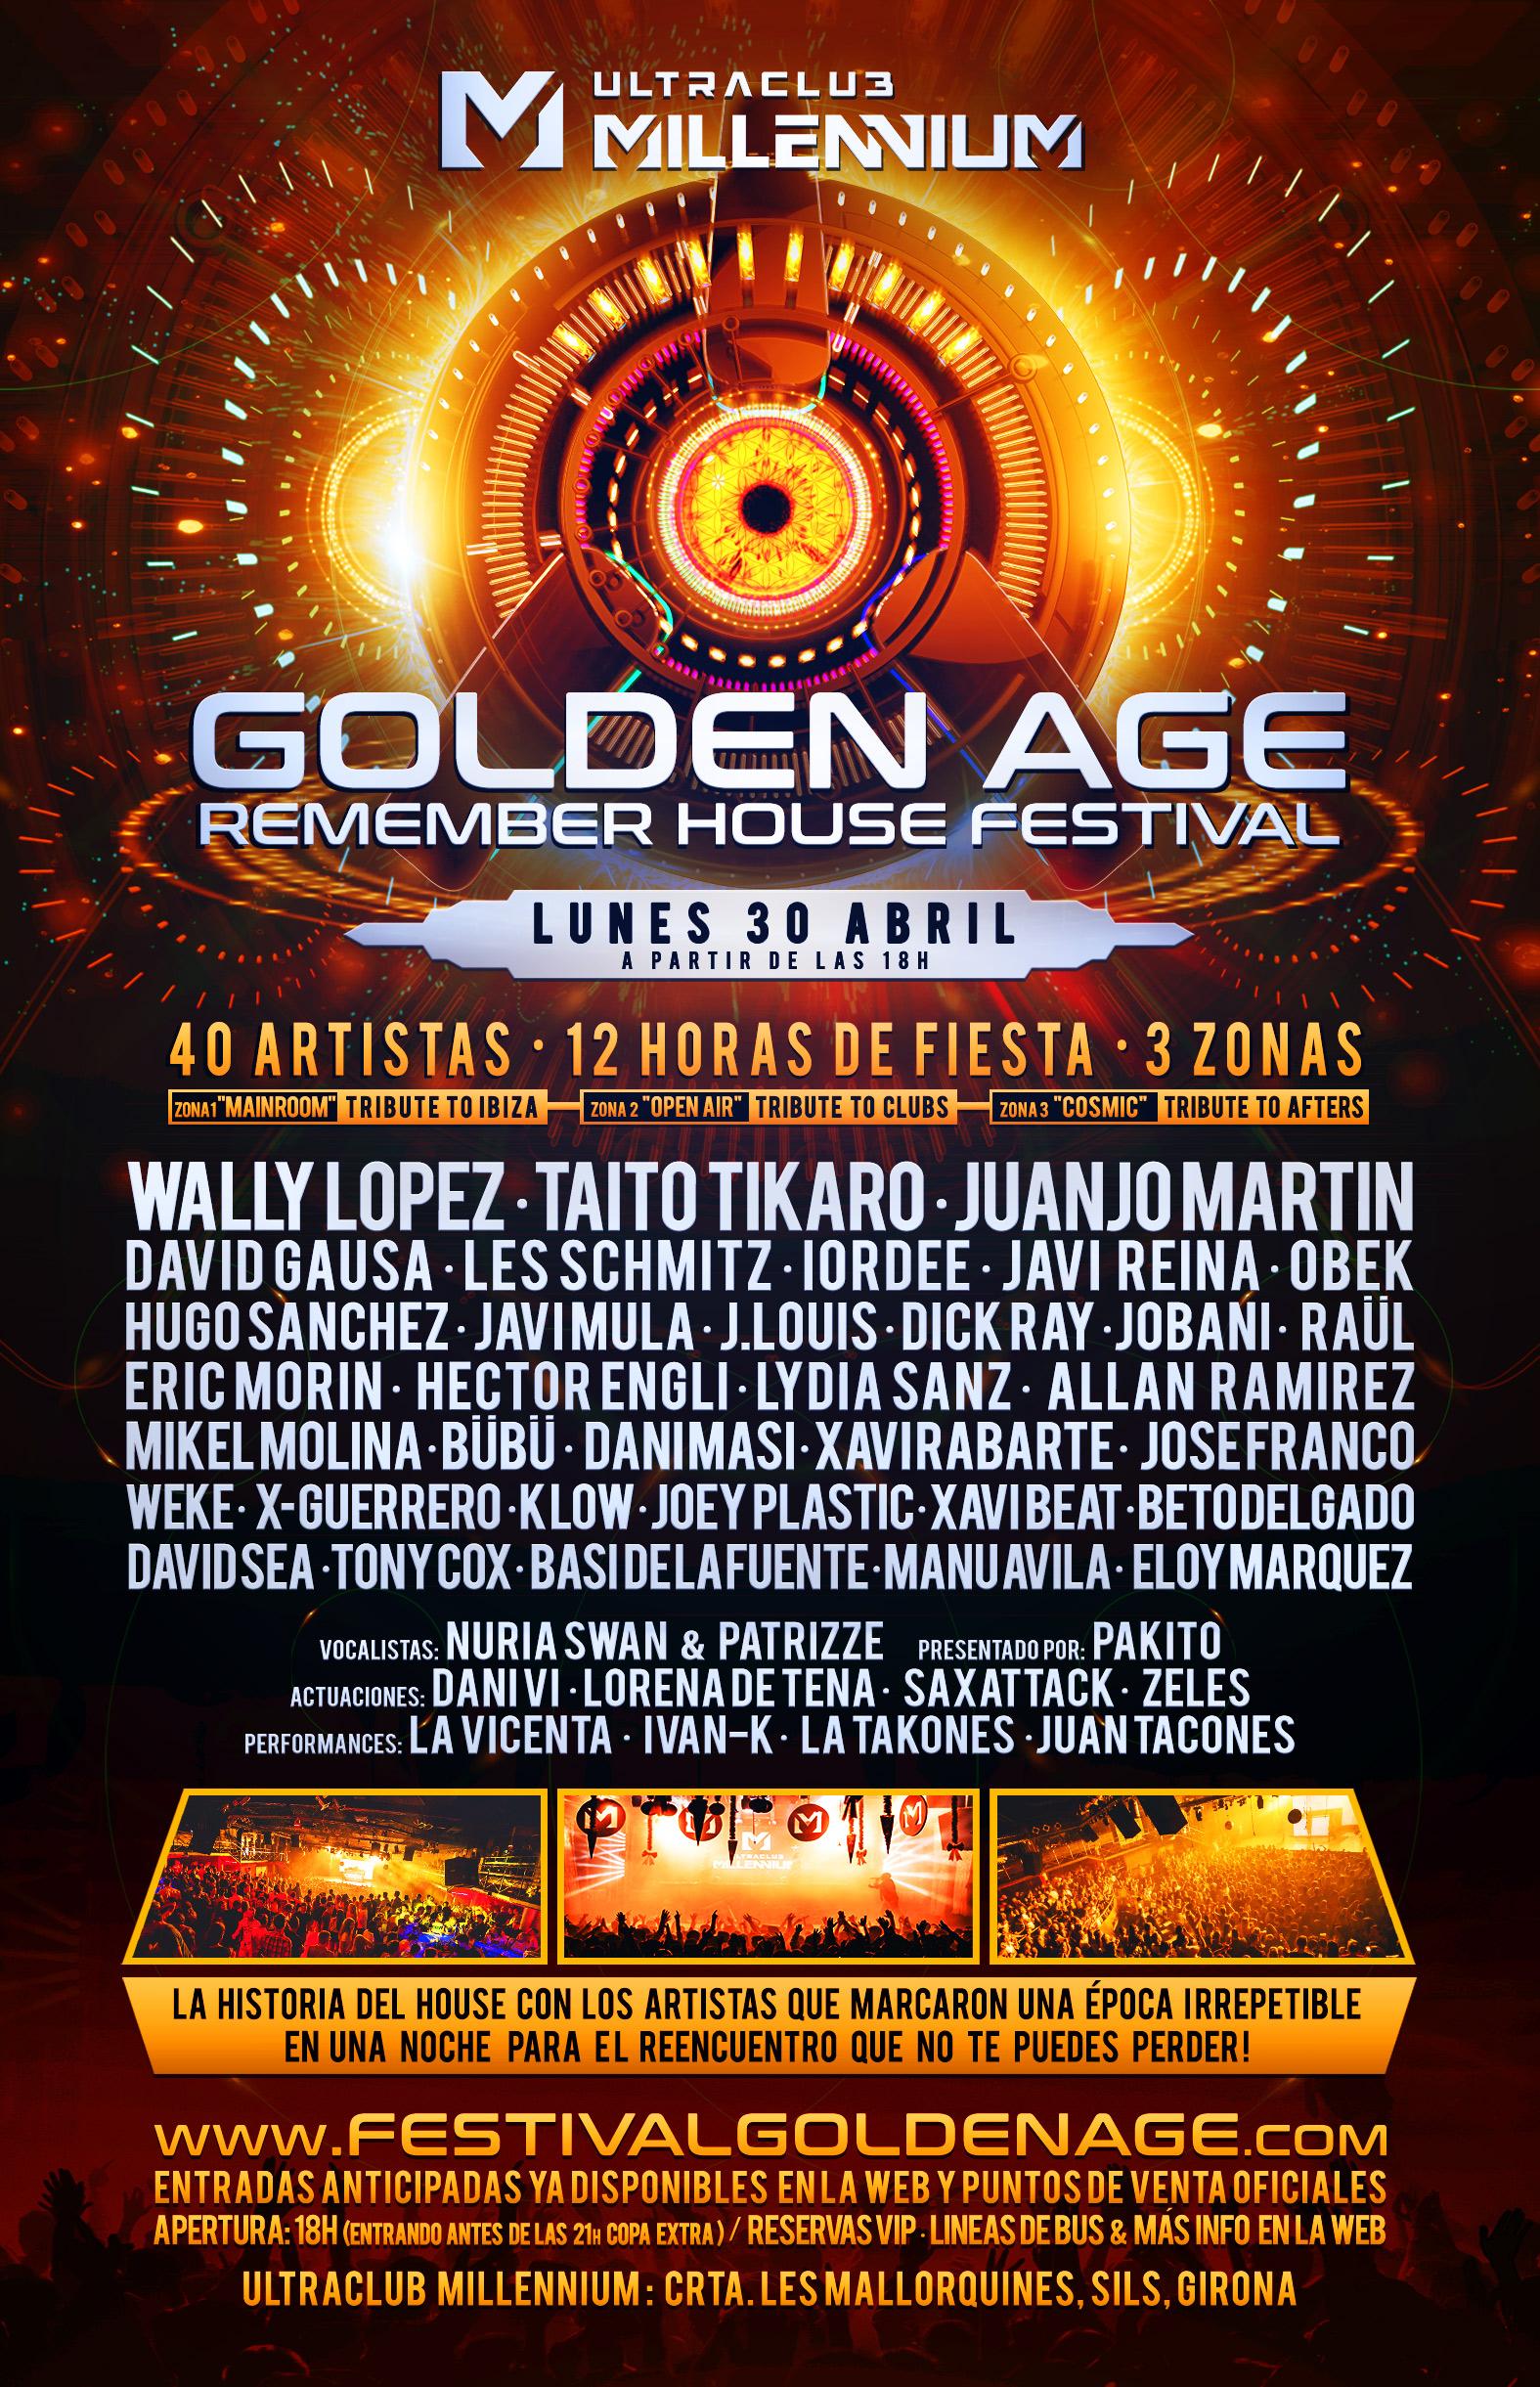 GOLDEN AGE (Po�ster promo).jpg